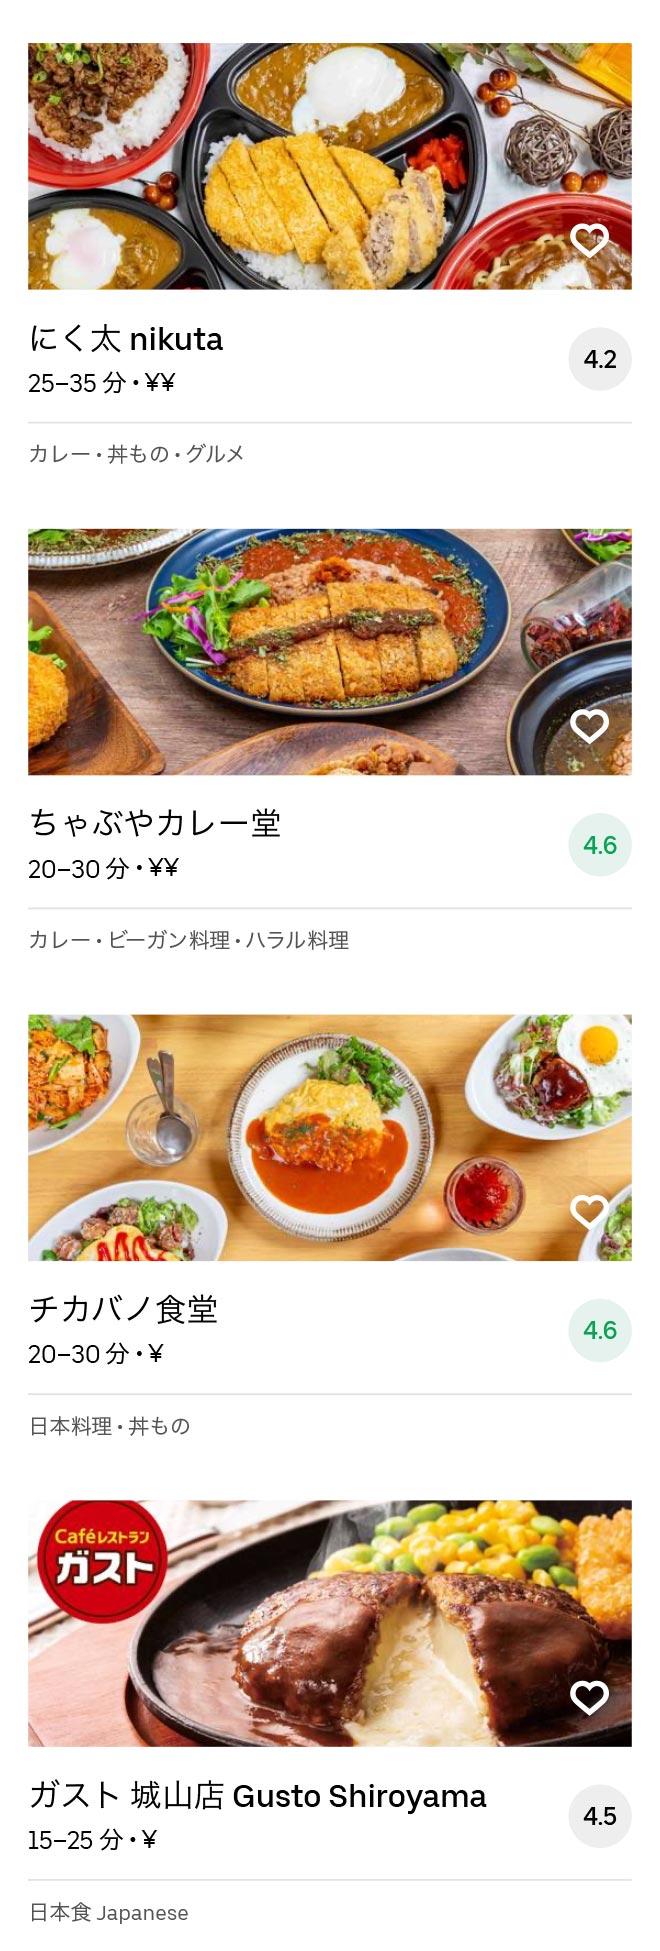 Tenmonkan menu 2009 4